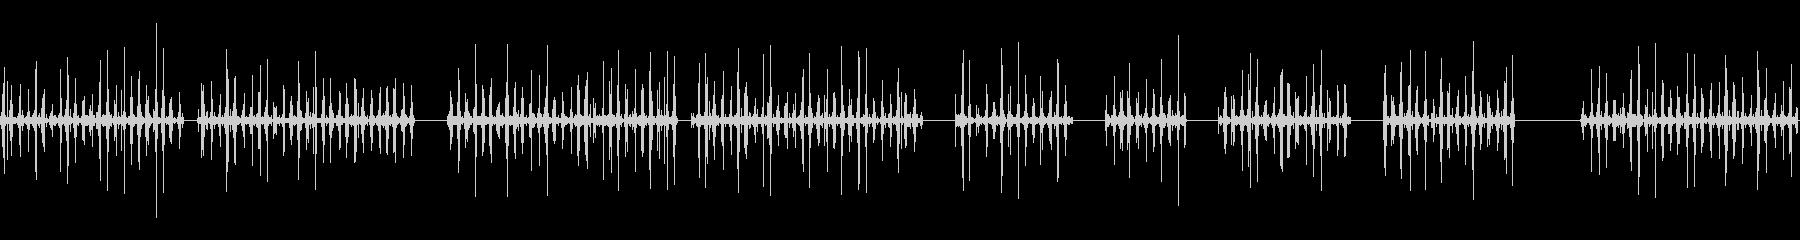 電気ザップの未再生の波形